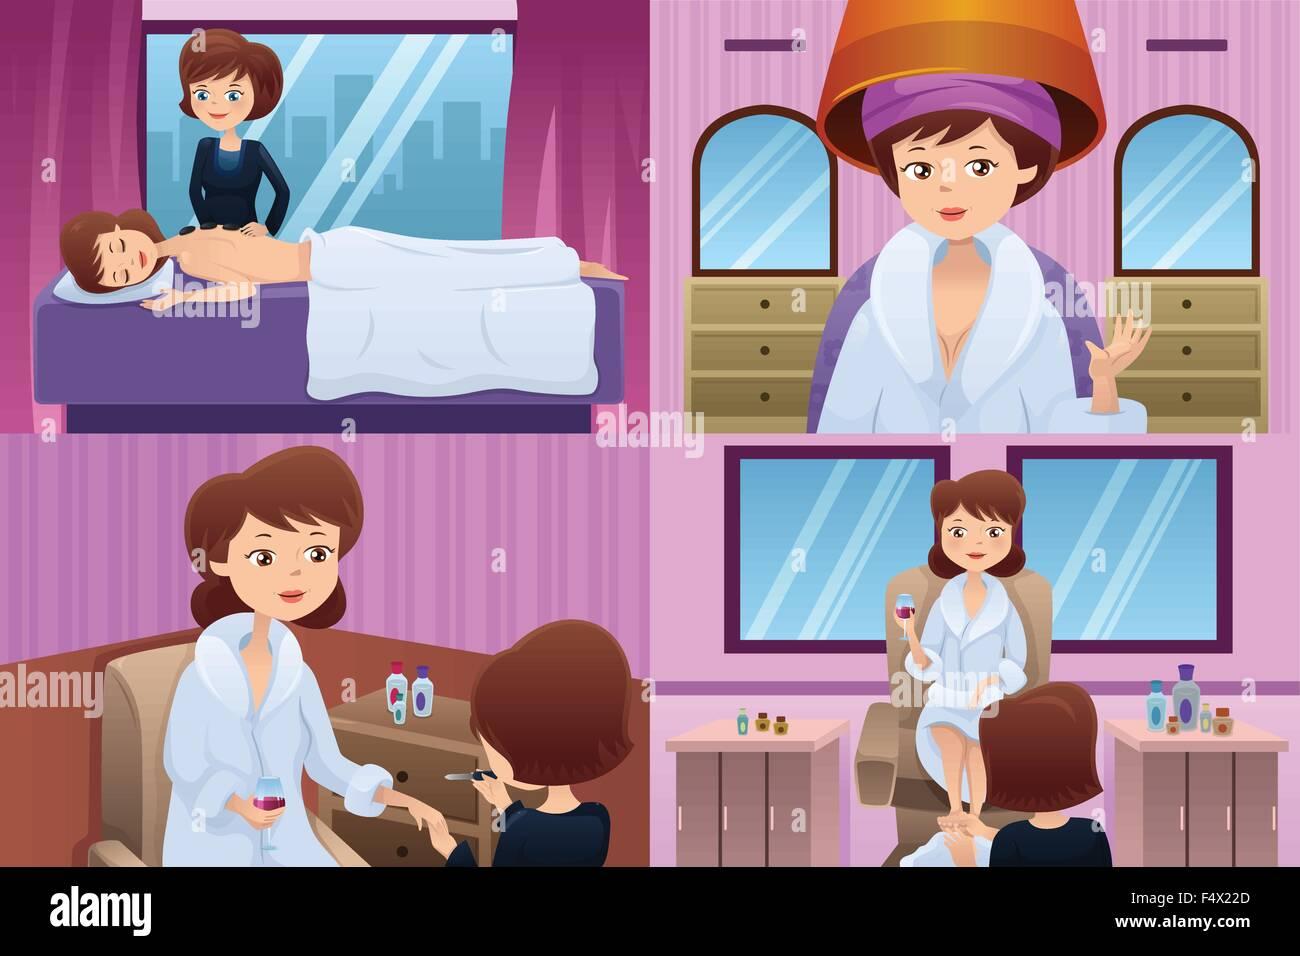 Illustration Woman Applying Nail Polish Stockfotos Illustration